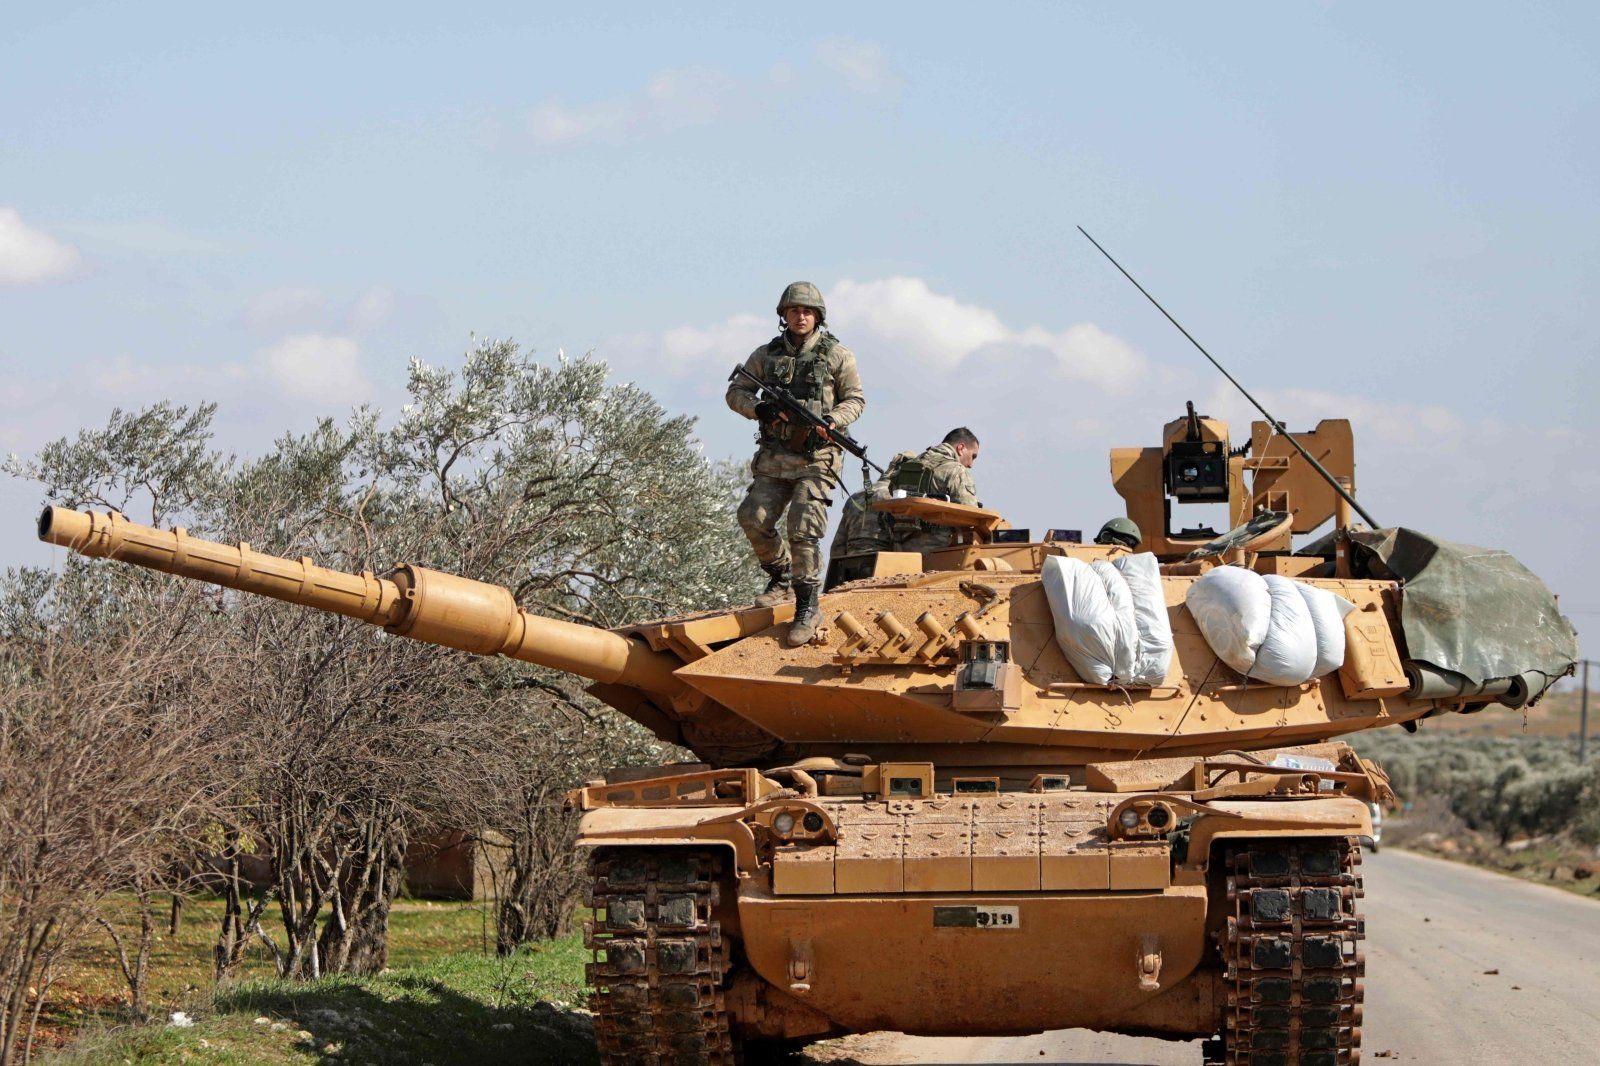 Турция перебрасывает артиллерийские подразделения в Идлиб, готовится крупное наступление – СМИ